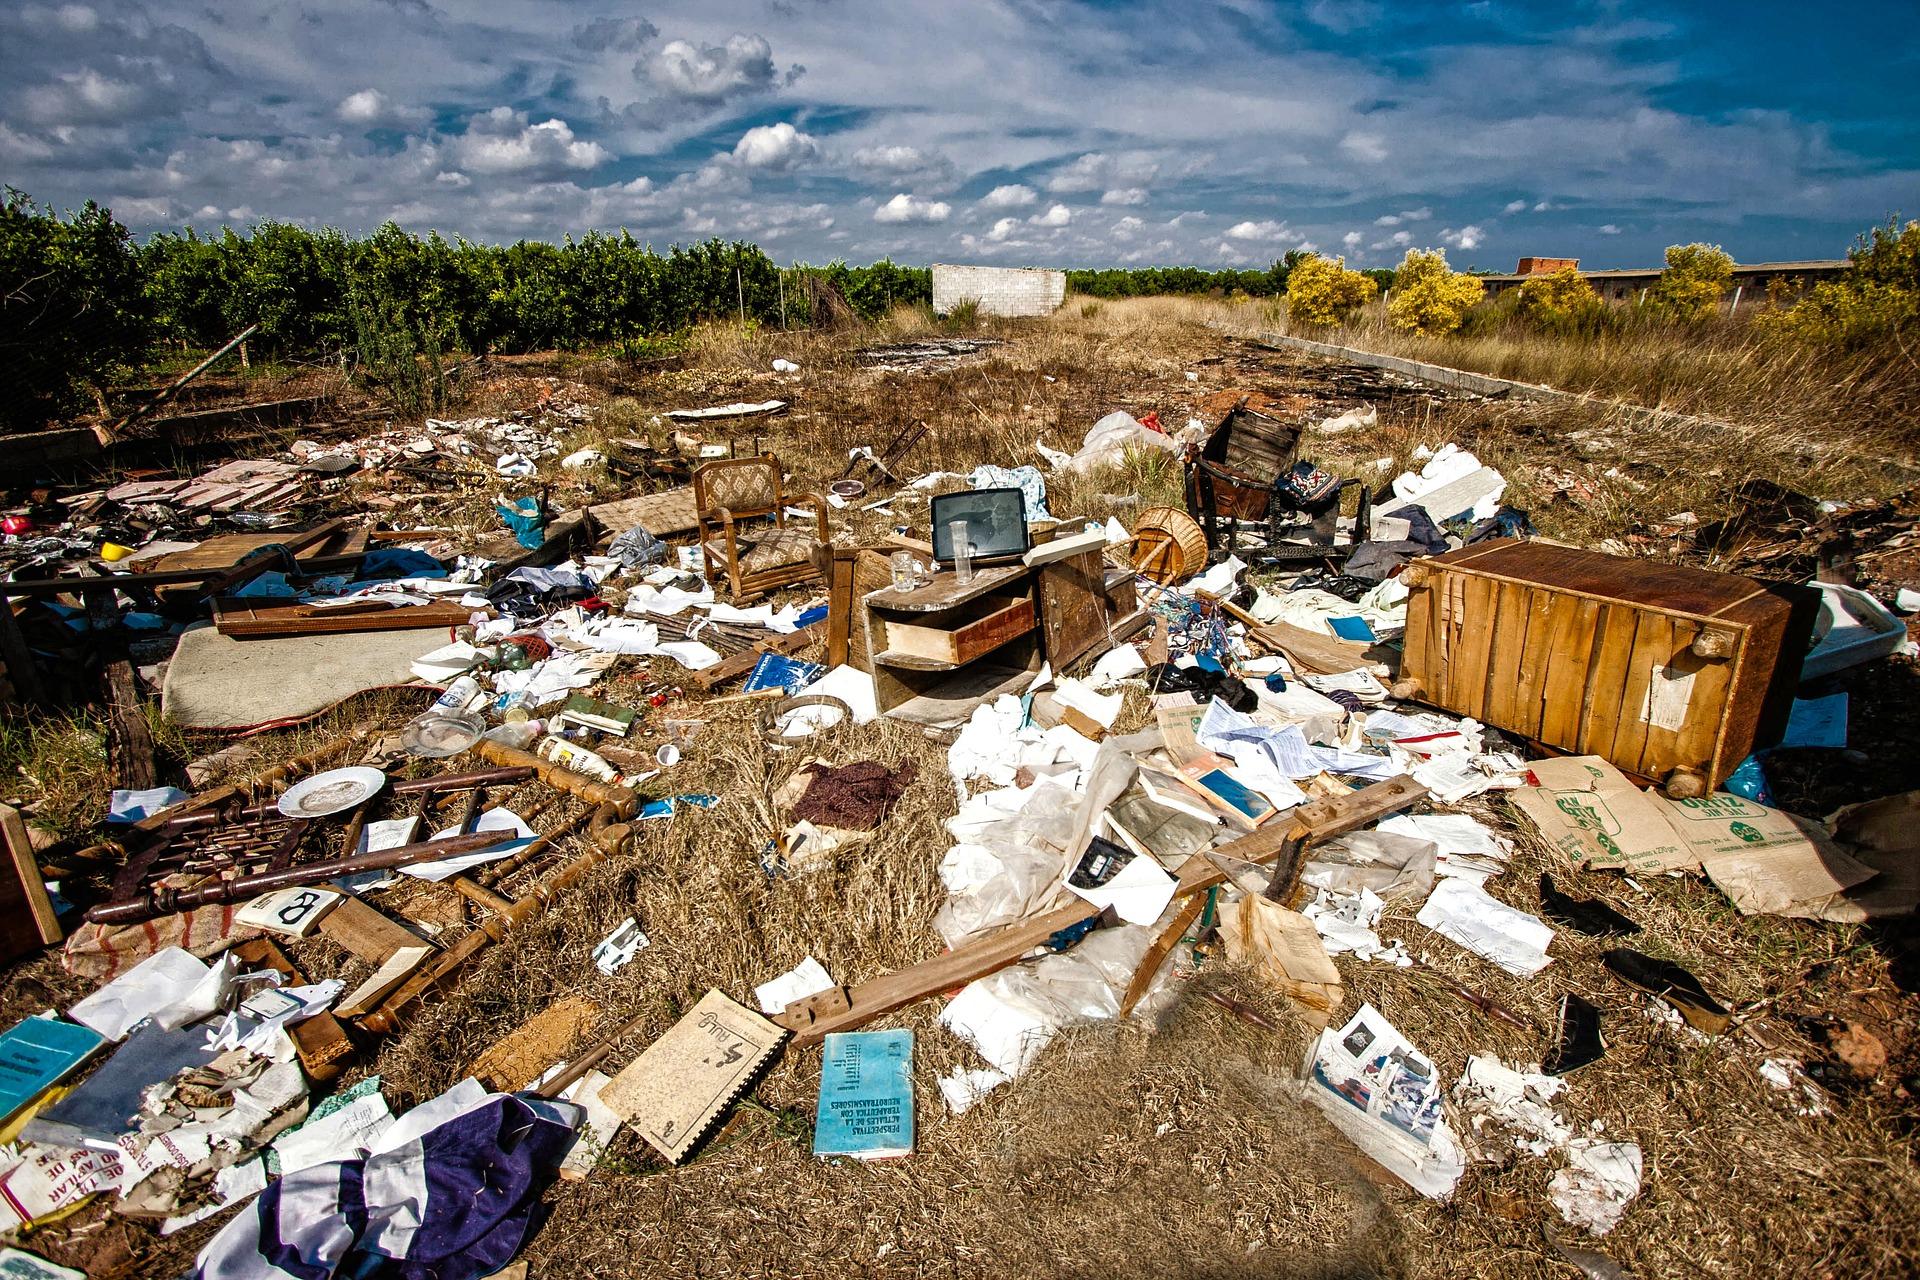 trash-1731503_1920.jpg